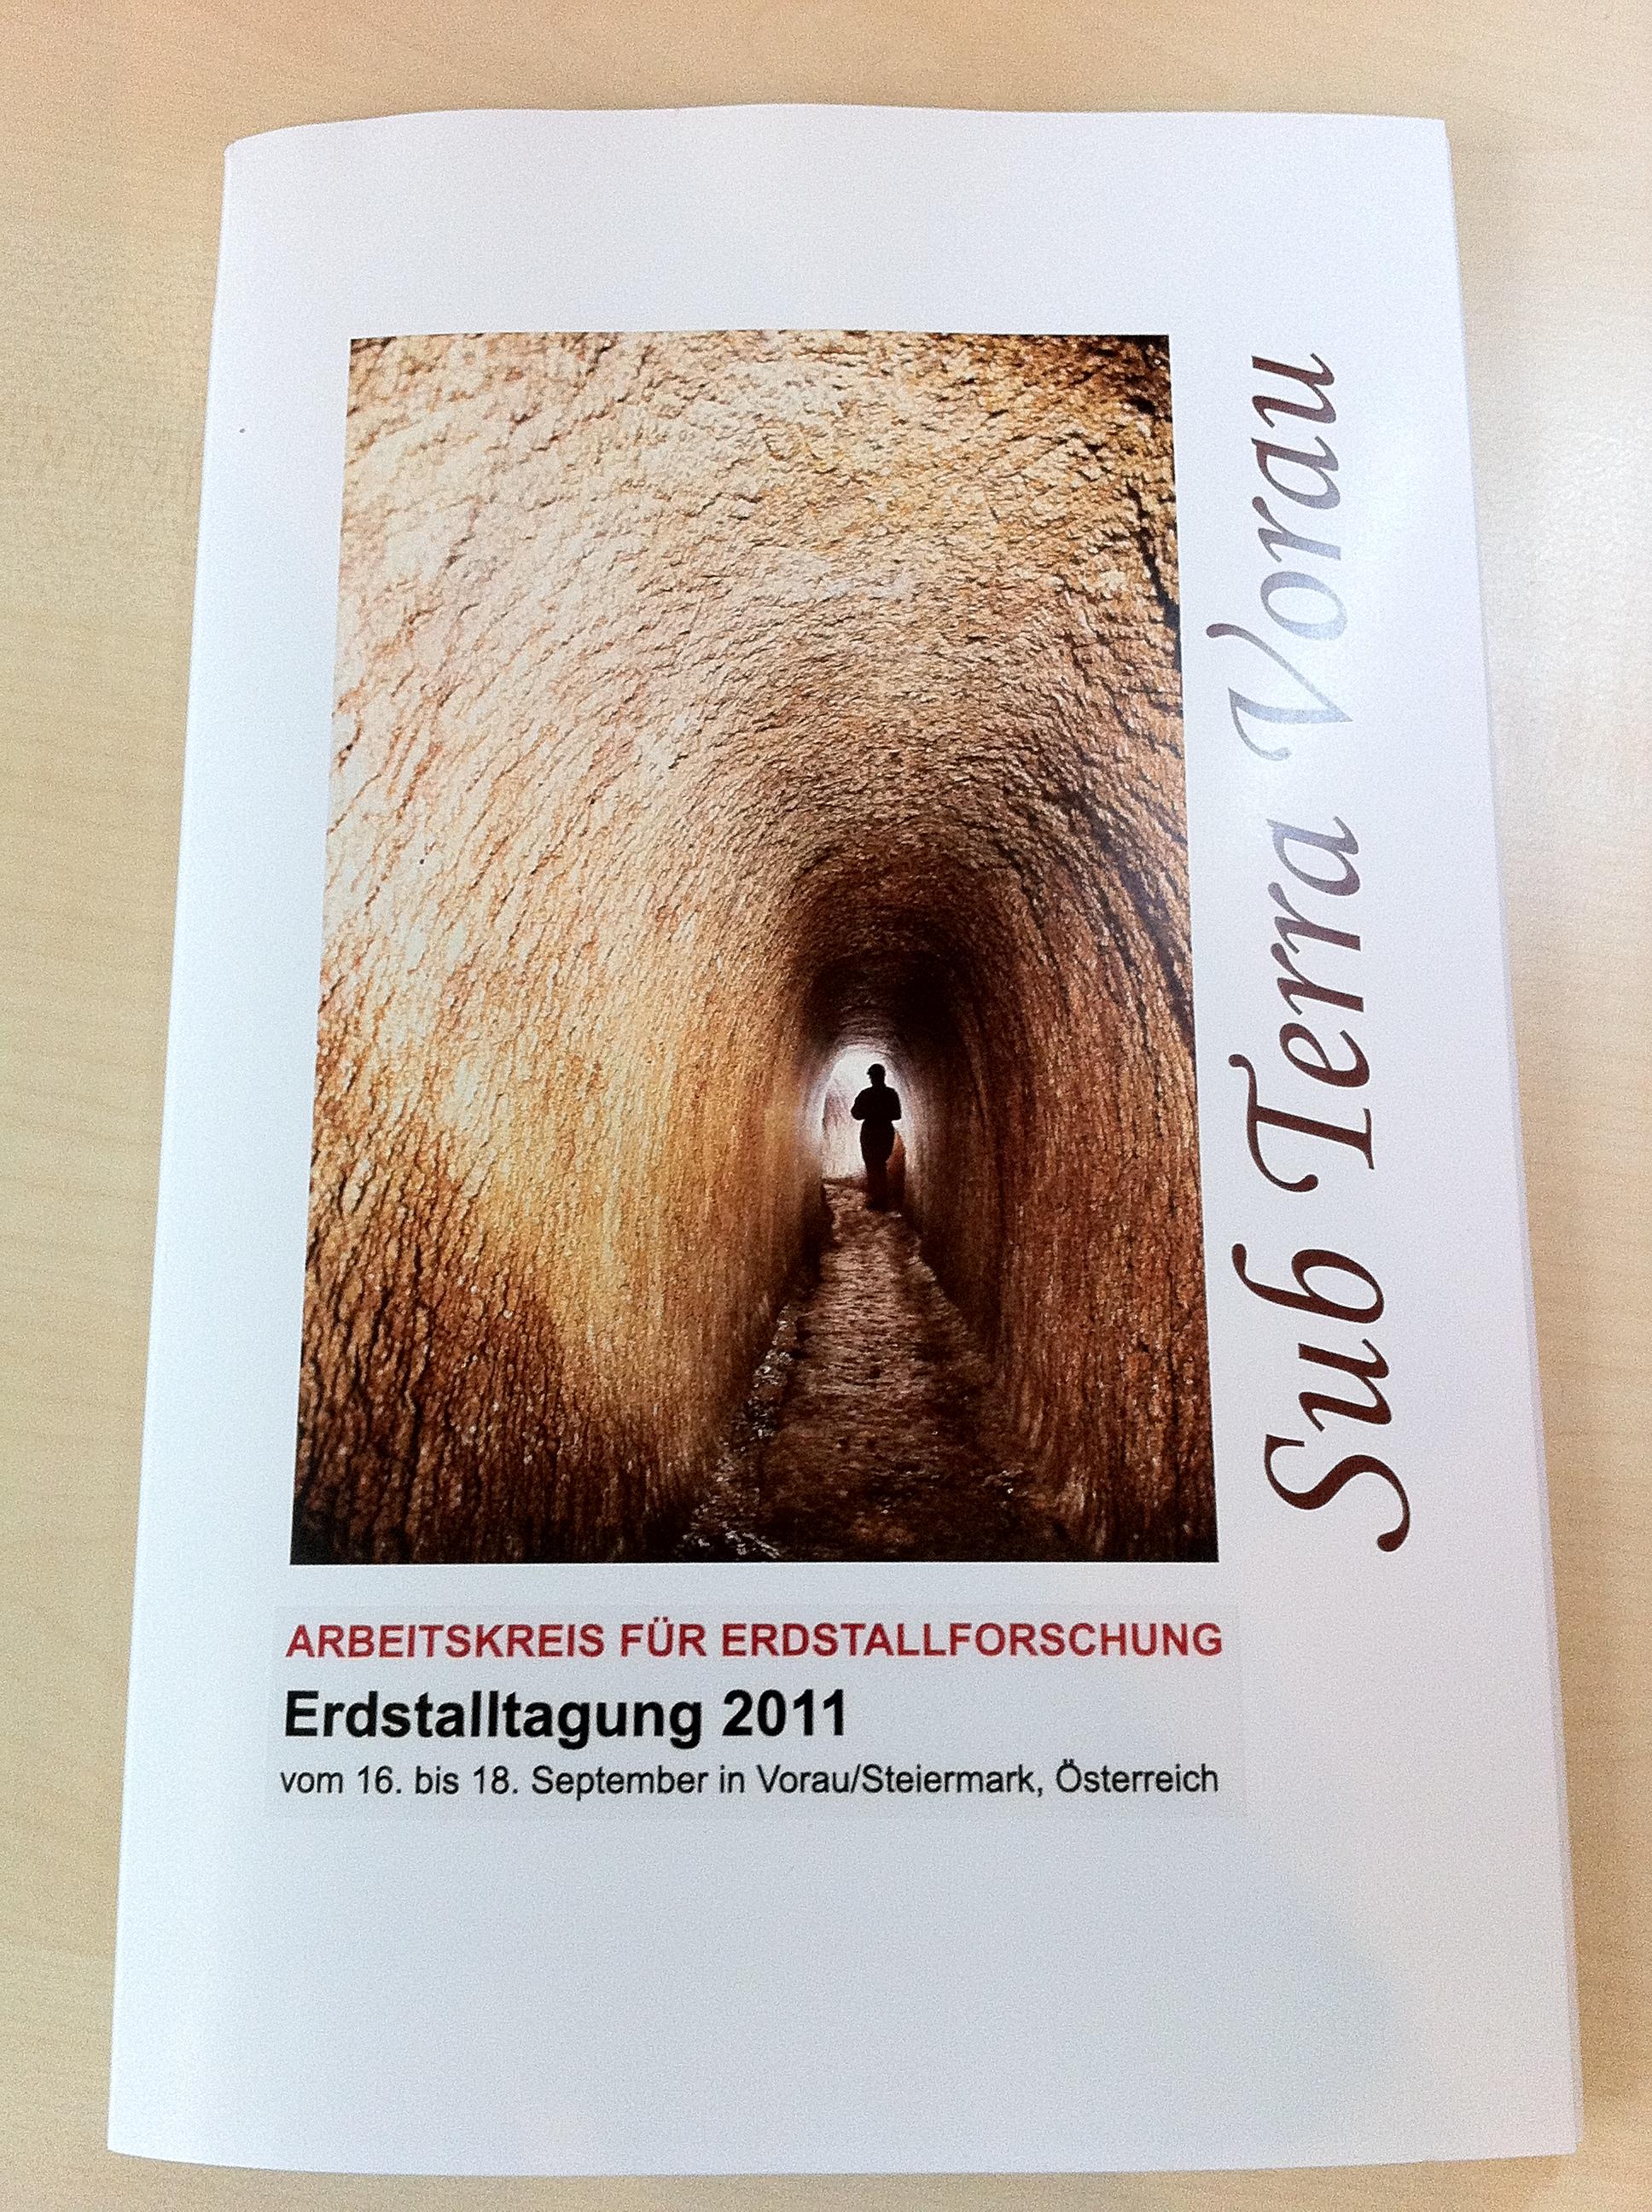 Erdstall Tagung 2011 in Vorau